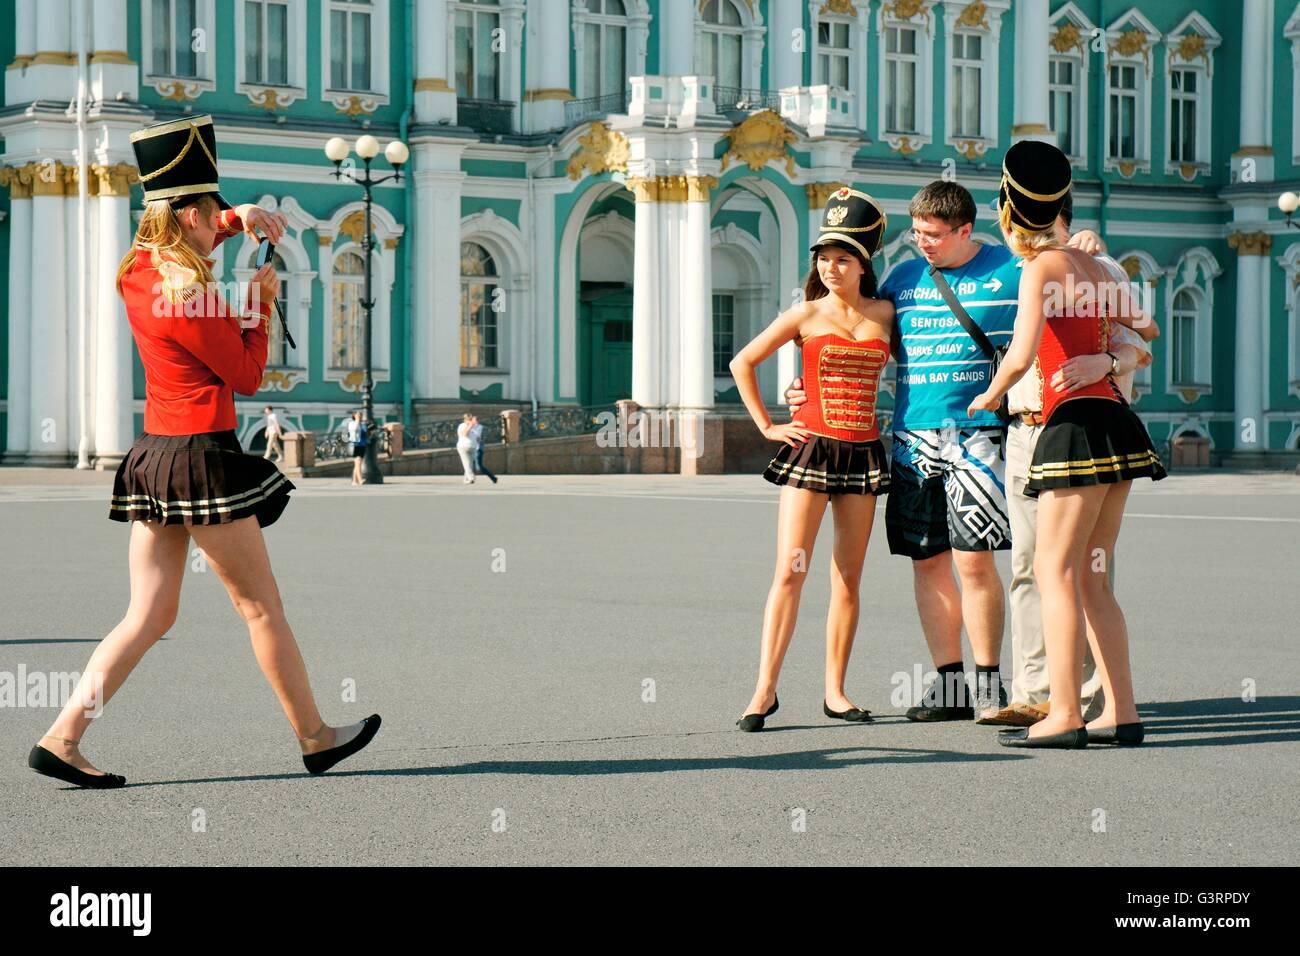 San Pietroburgo Russia. intraprendenti giovani donne pongono come guardie di palazzo turistico per fotografie di Immagini Stock